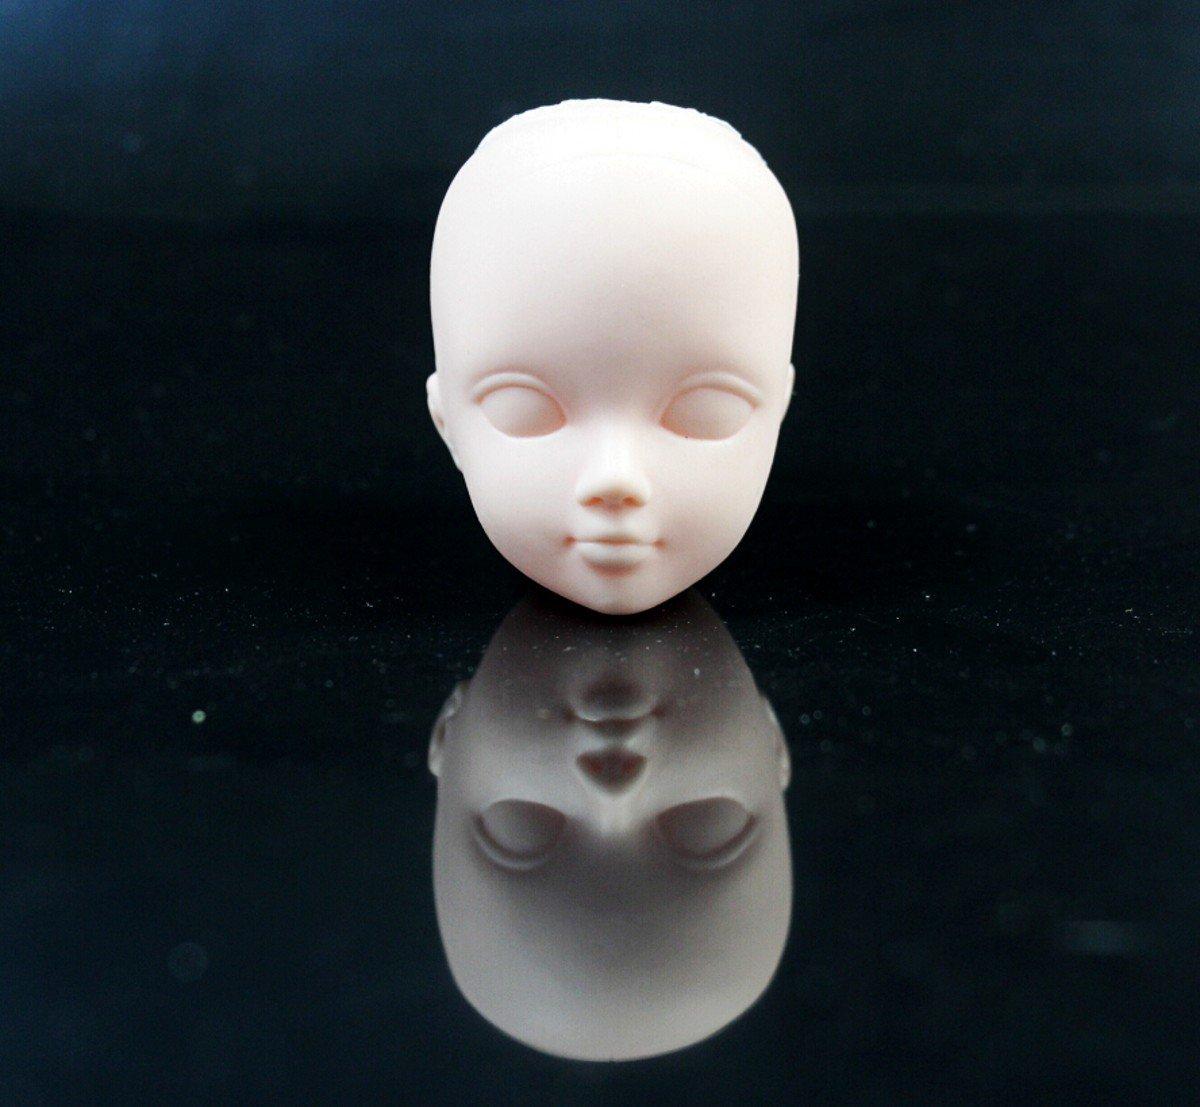 chengyida 3/Mini Kosmetologie Mannequin K/öpfe Praxis Make-up 1//6/BJD Dollfie weiblich Puppe Figur Option Head Puppe Kopf Teile Reparatur